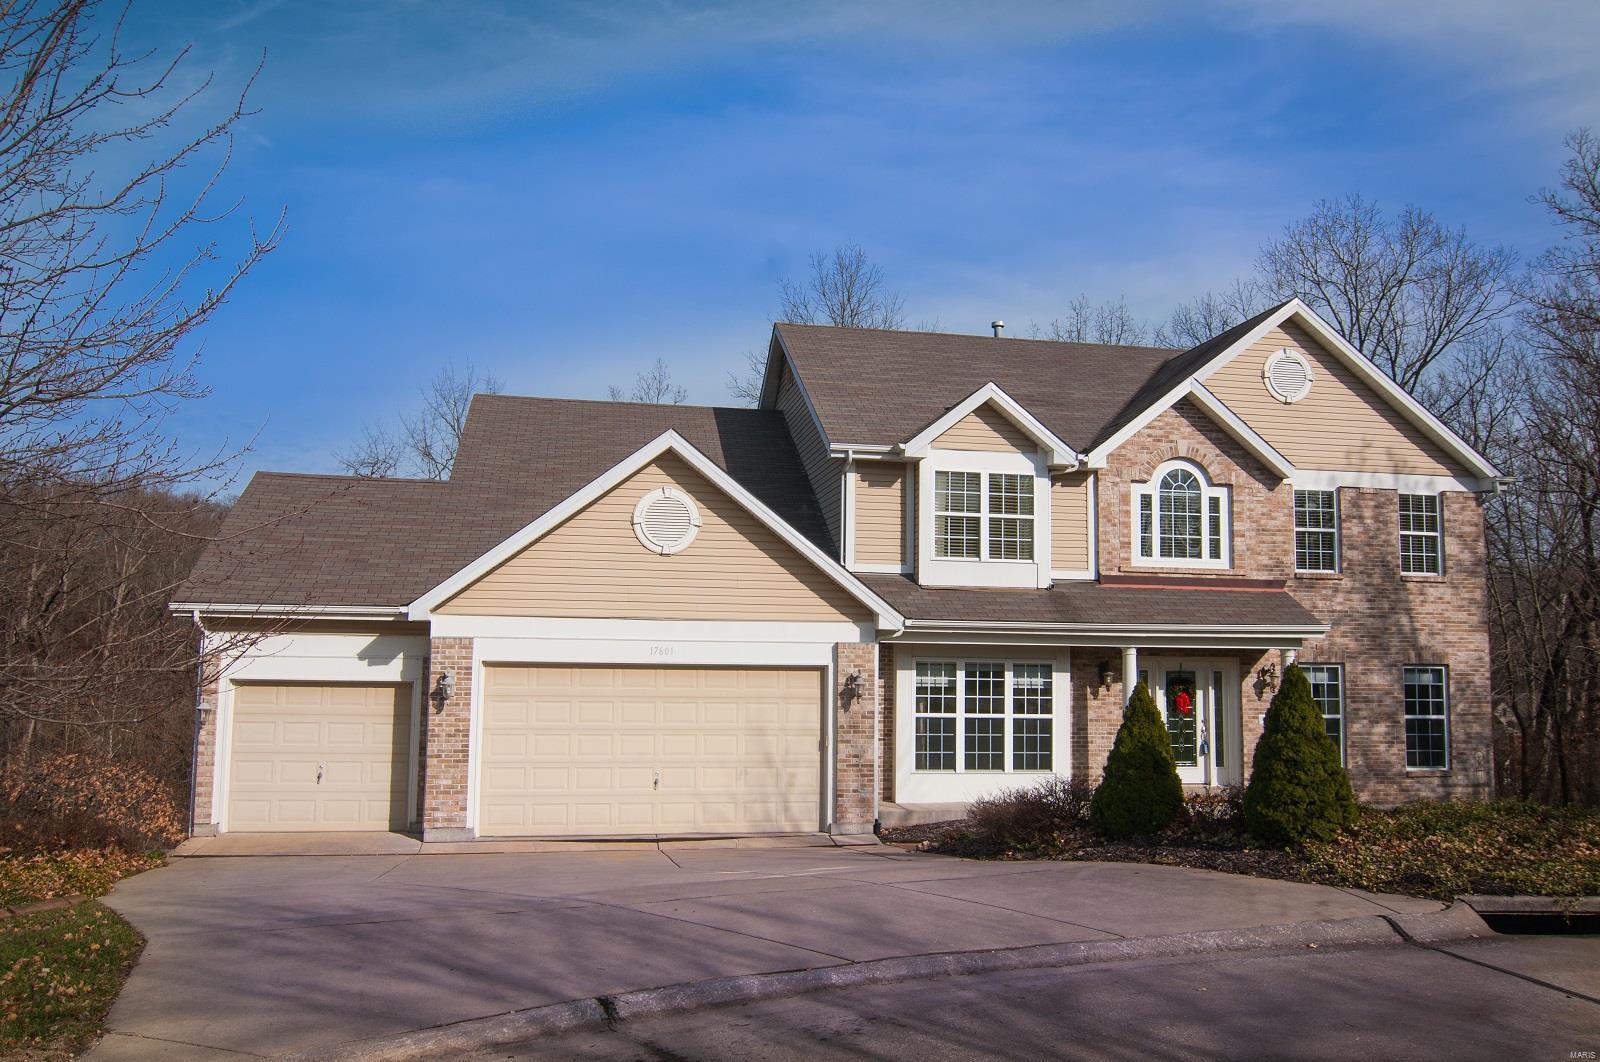 17601 Gardenview Manor Circle, Wildwood, MO 63038